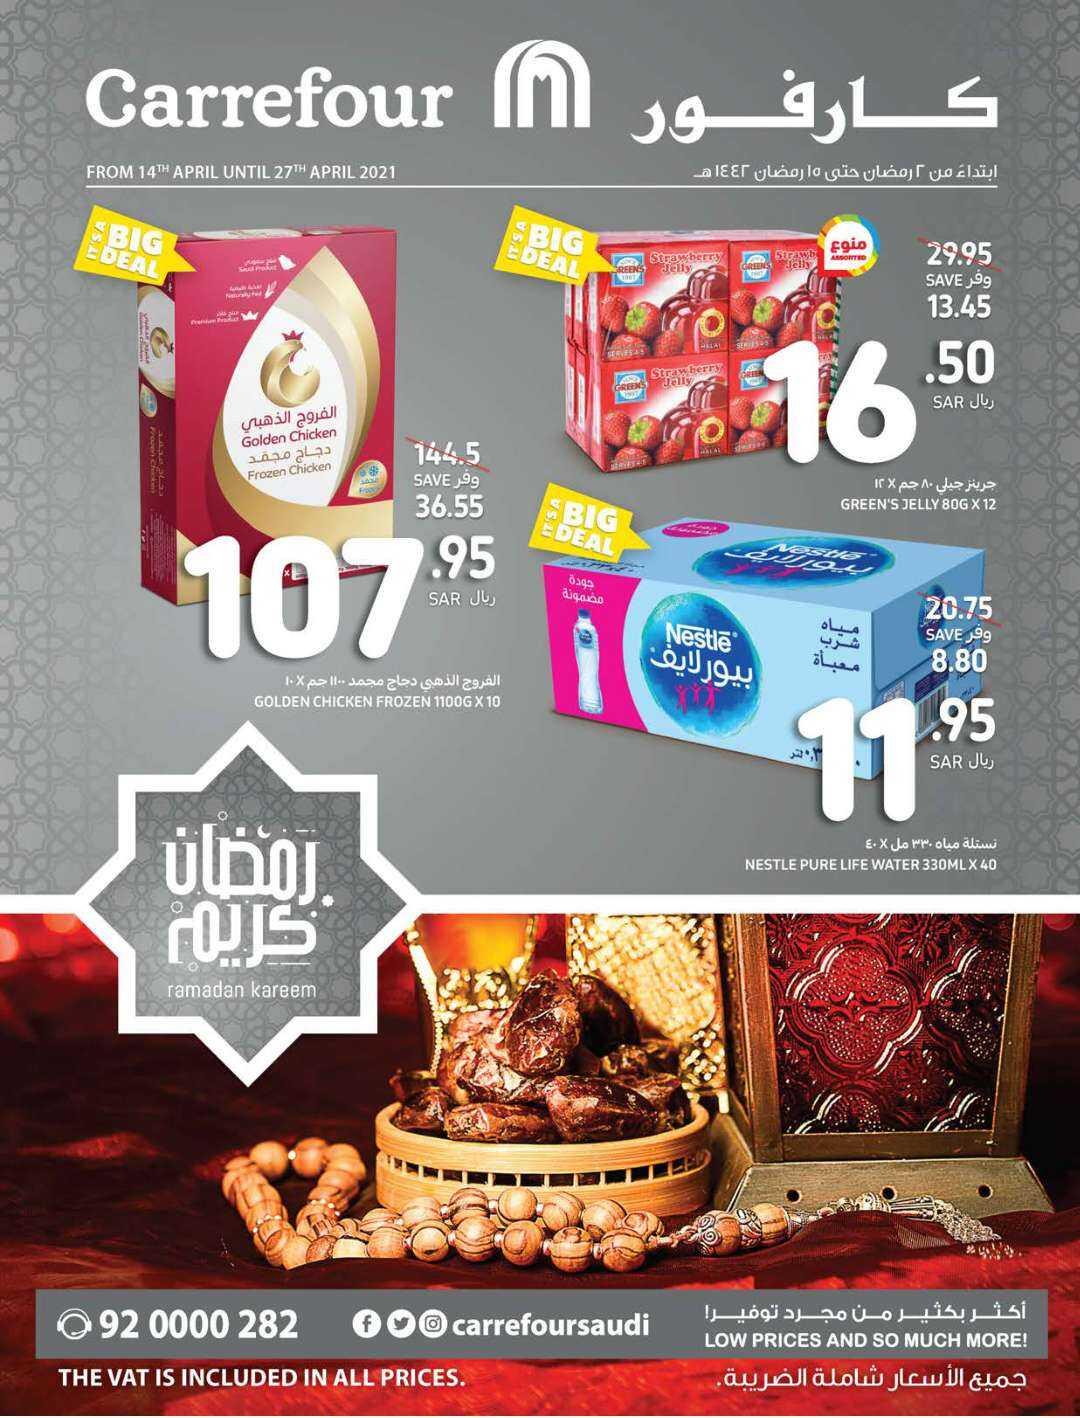 صورة عروض كارفور السعودية الأسبوعية 21 ابريل 2021 الموافق 9 رمضان 1442 مبارك عليكم الشهر